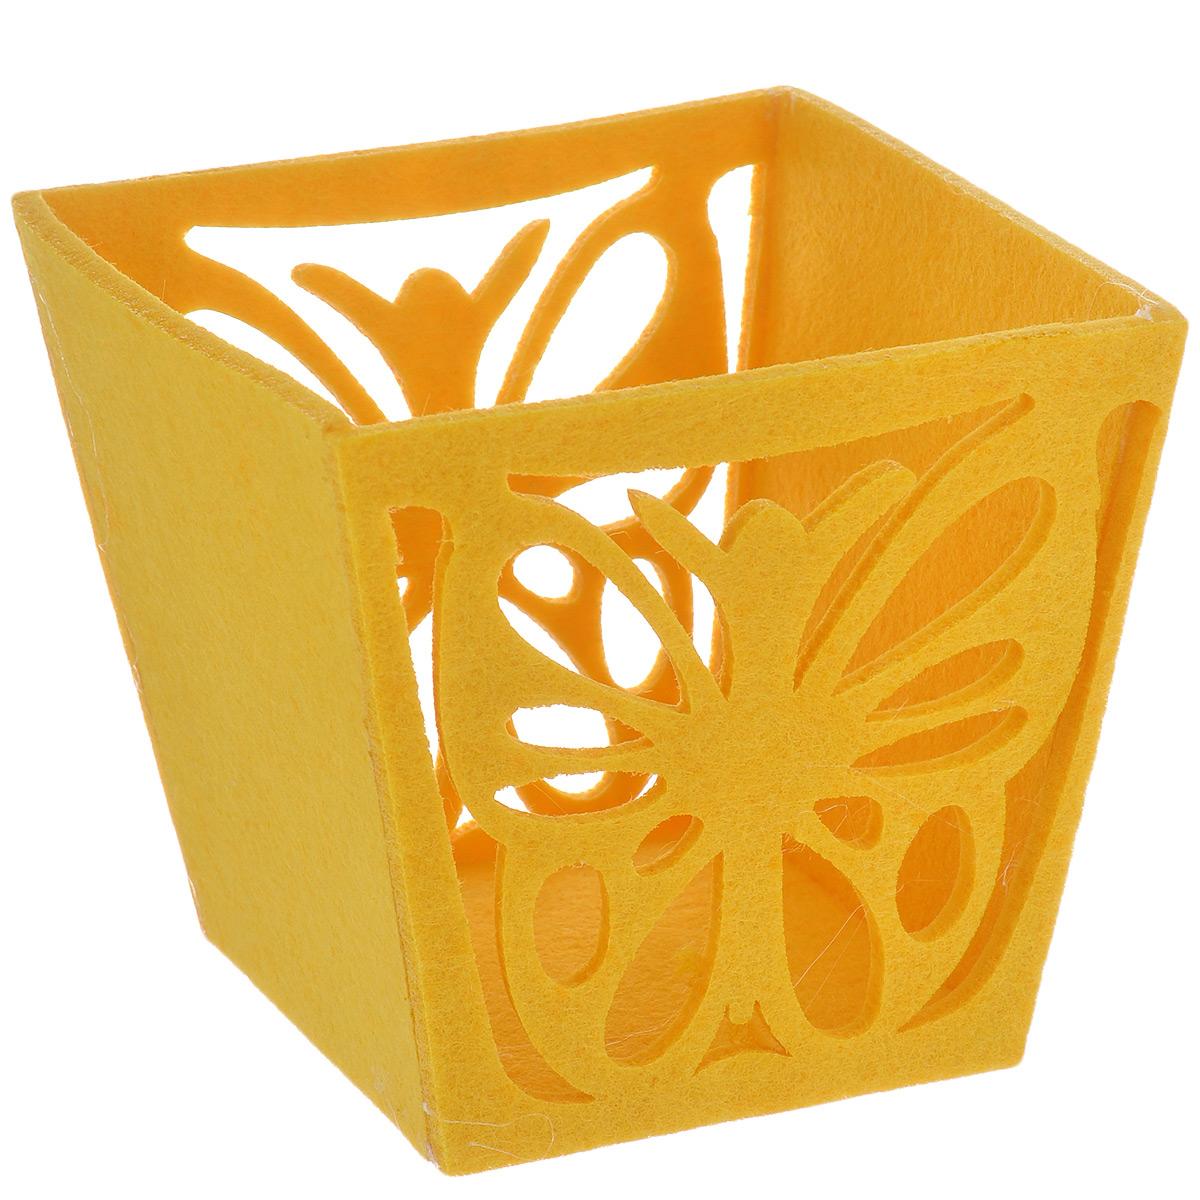 Корзинка декоративная Home Queen Бабочка, цвет: желтый, 14 см х 13 см х 12 см66833_2Декоративная корзина Home Queen Бабочка, выполненная из фетра, предназначена для хранения различных мелочей и аксессуаров. Изделие имеет красивую перфорацию в виде бабочки. Такая корзина станет оригинальным и необычным подарком или украшением интерьера. Размер корзины: 14 см х 13 см х 12 см. Размер дна: 10 см х 9,5 см.